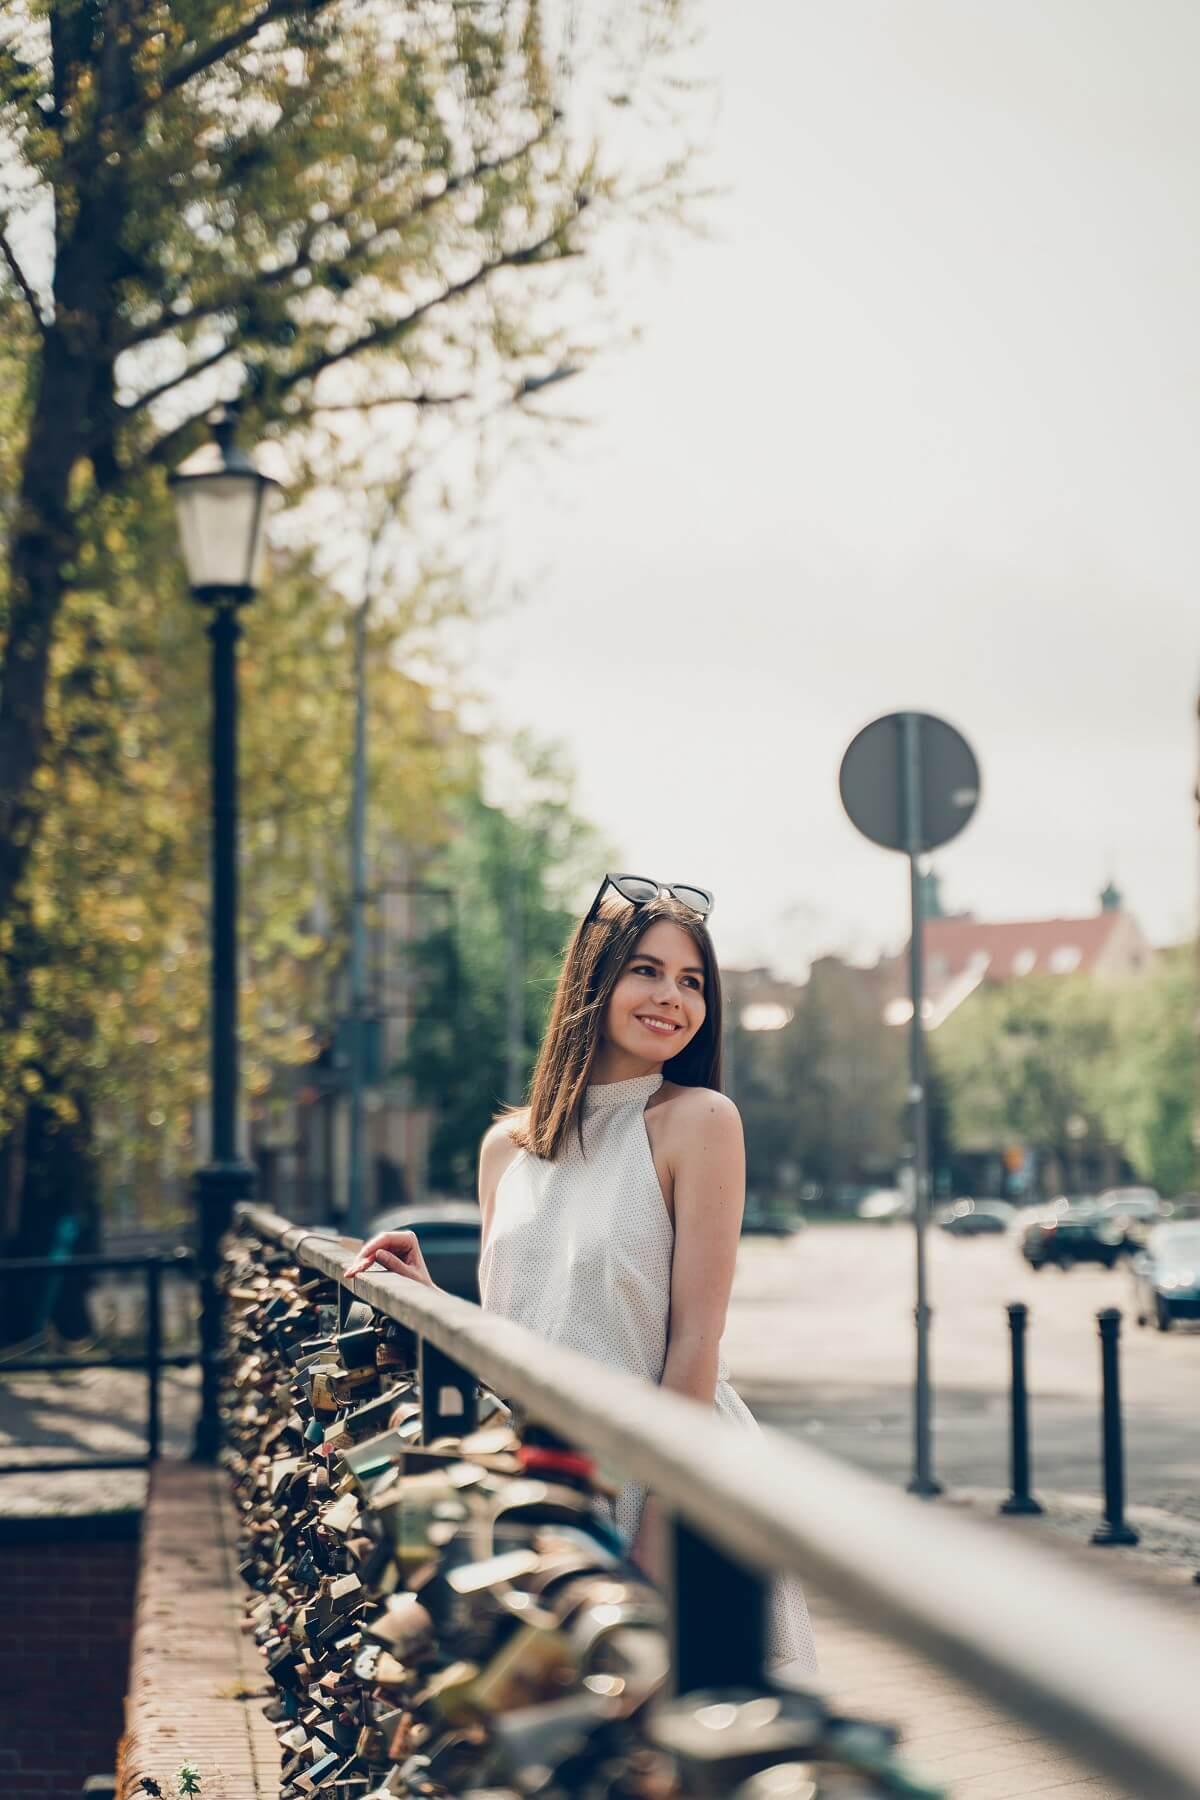 sukienka w groszki Laurella most miłości Gdańsk